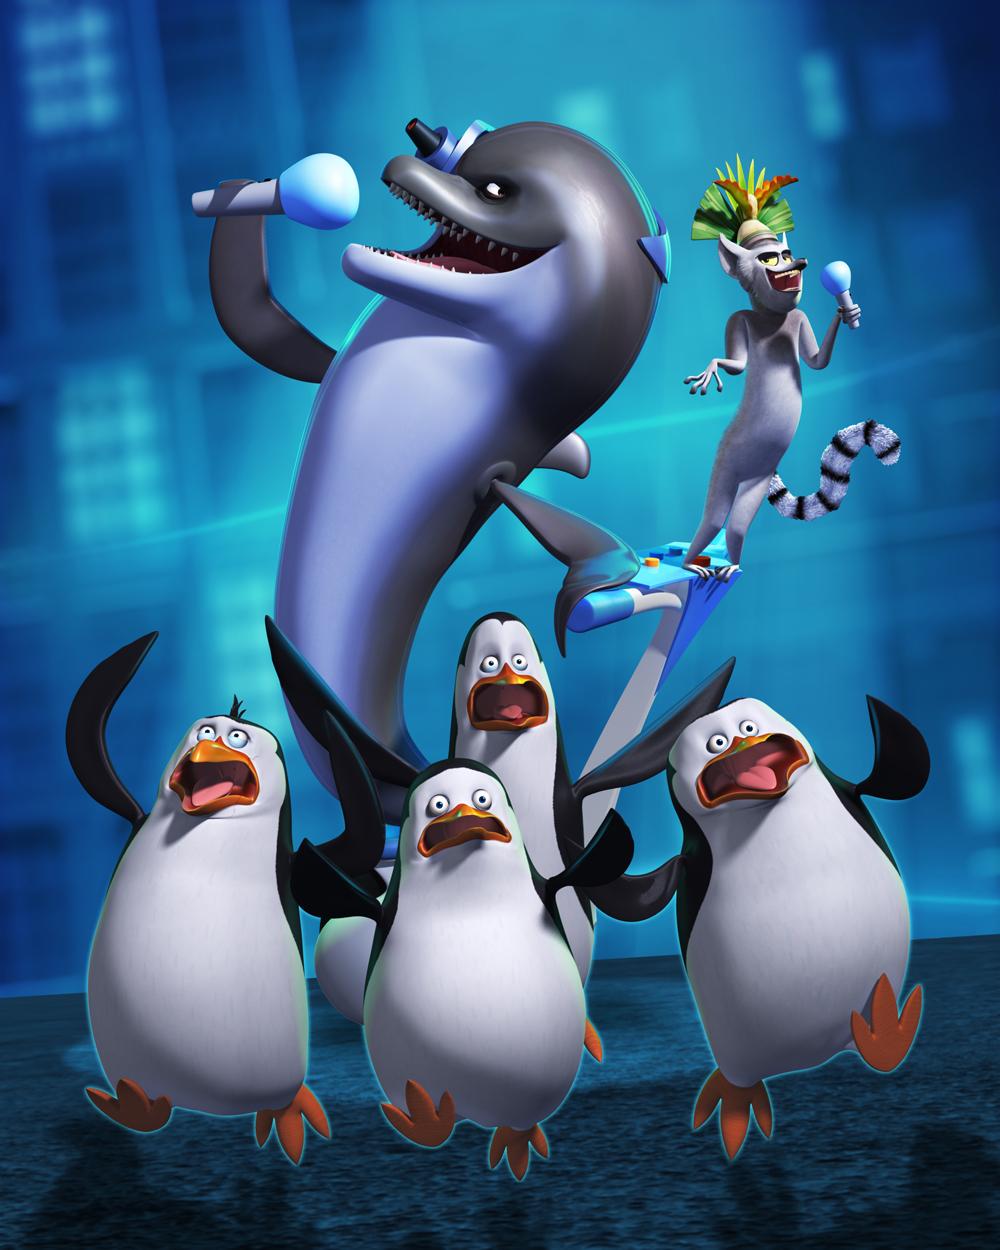 «Смотреть Все Серии Пингвины Из Мадагаскара Онлайн» — 2006